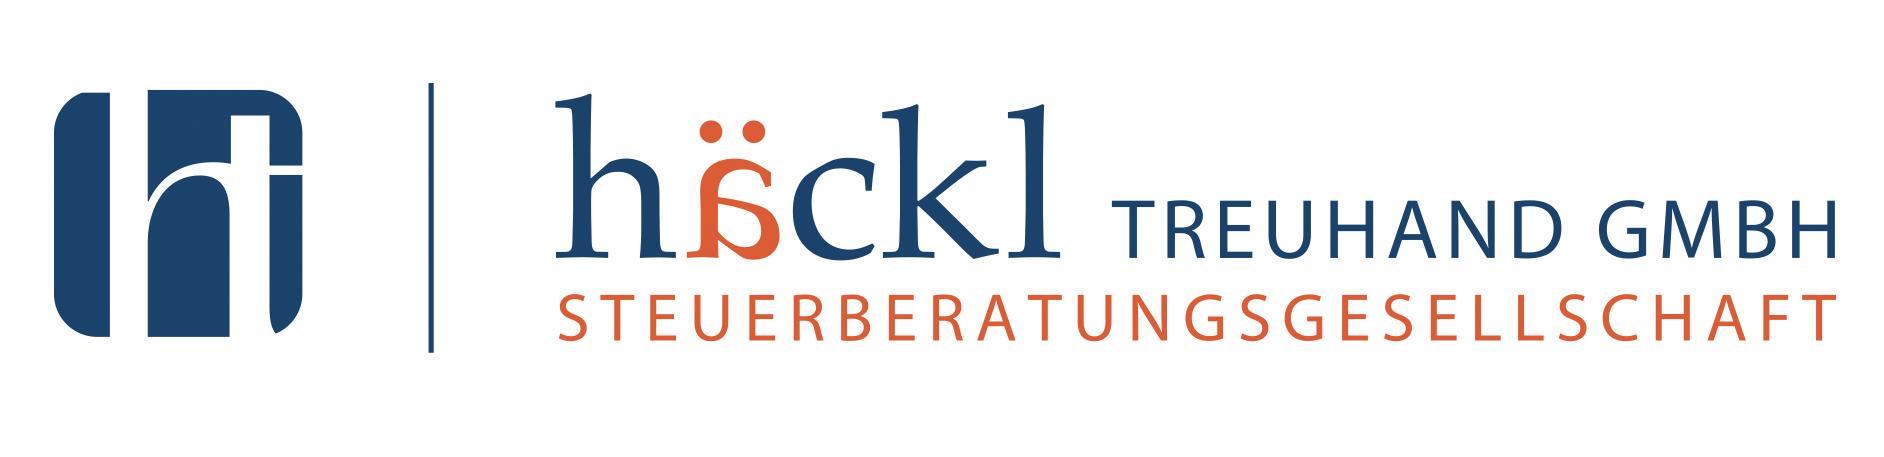 Häckl Treuhand GmbH, Steuerberatungsgesellschaft Schondorf - Munich